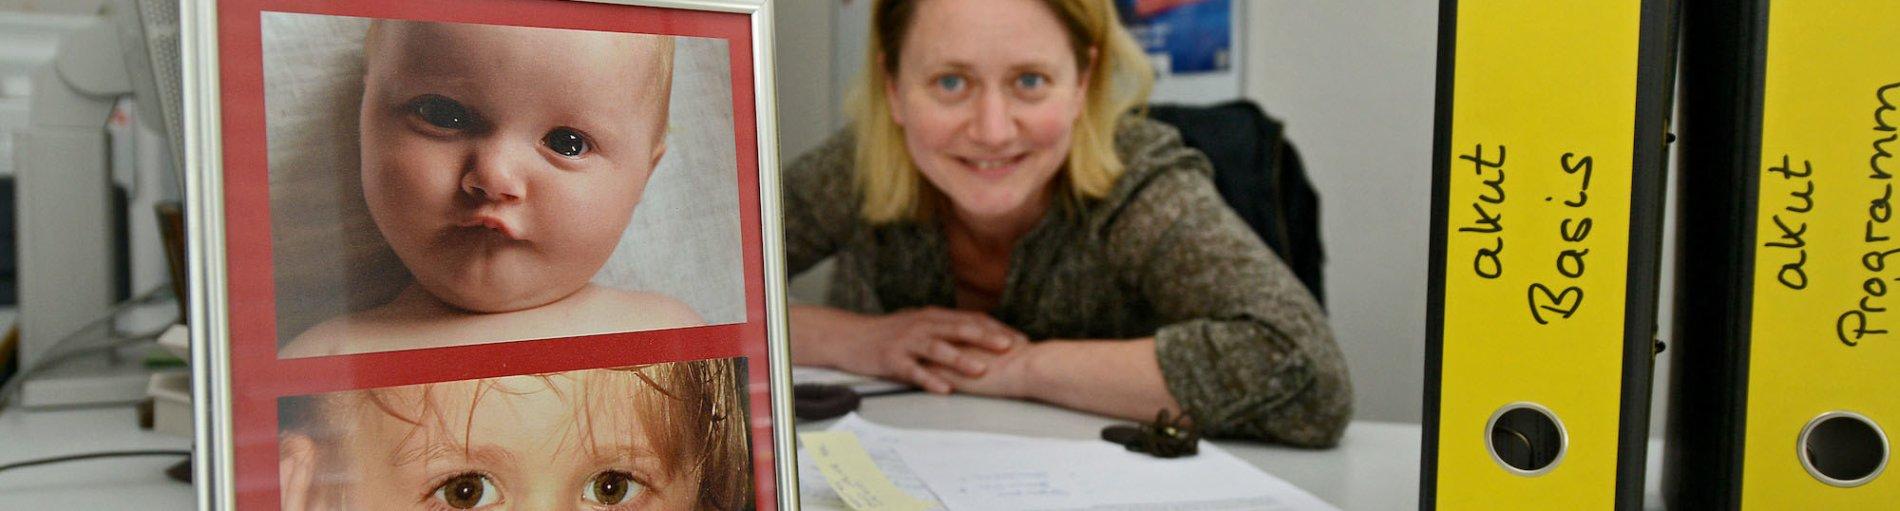 Eine Frau am Schreibtisch mit Kinderfotos.